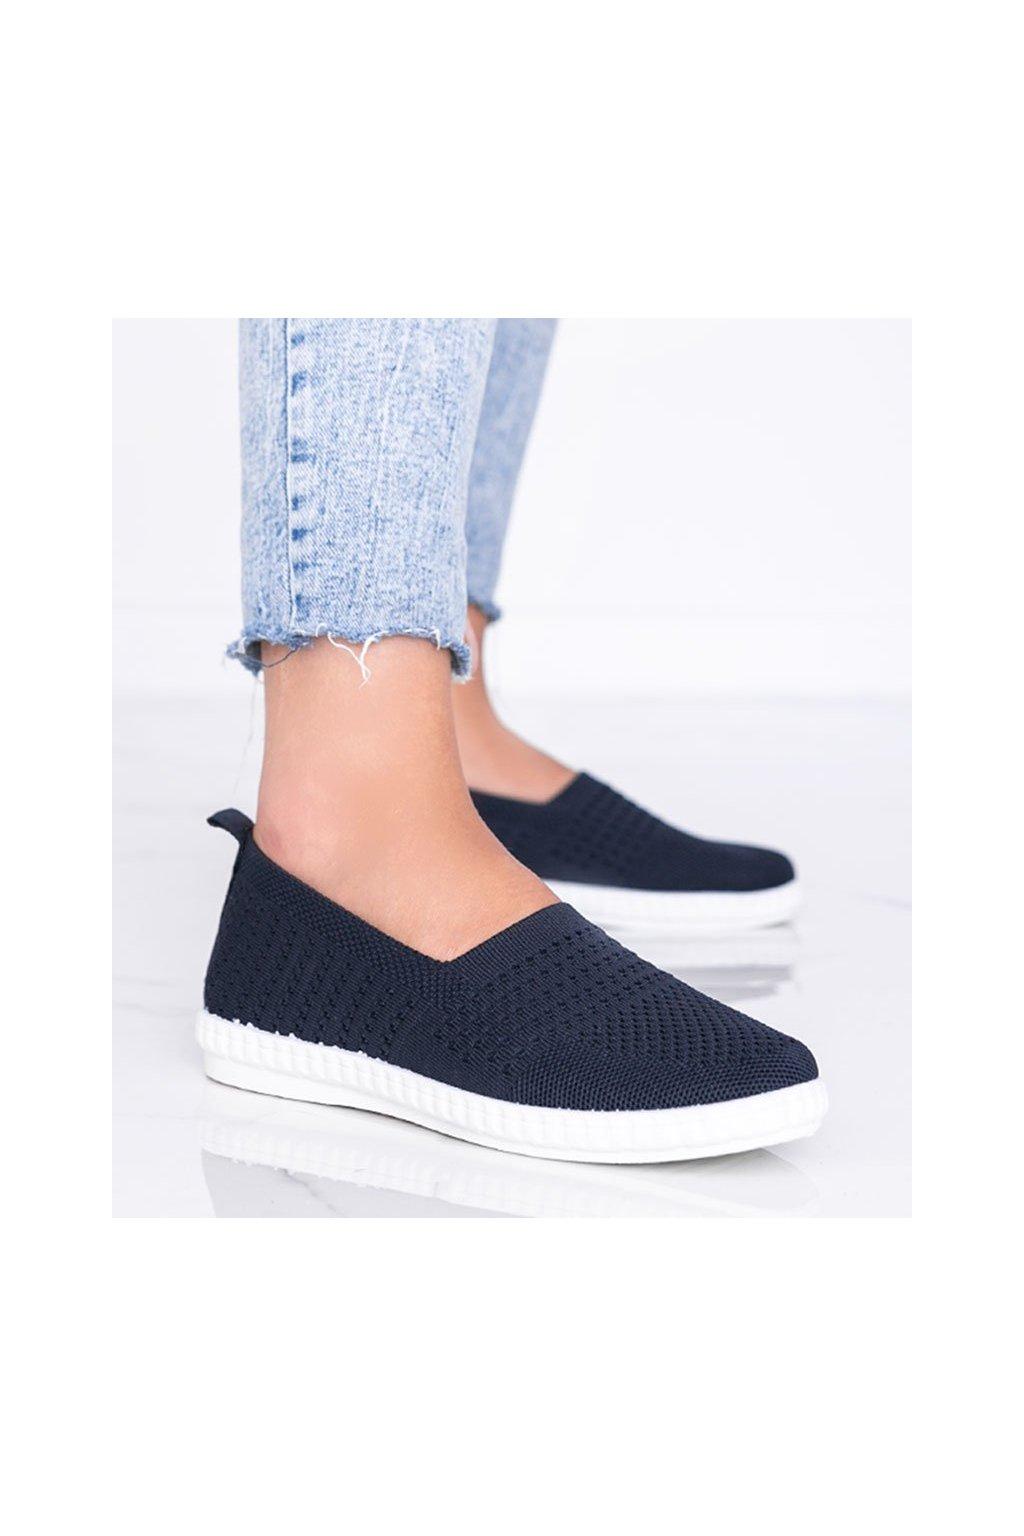 Dámske topánky tenisky modré kód 1053 - GM